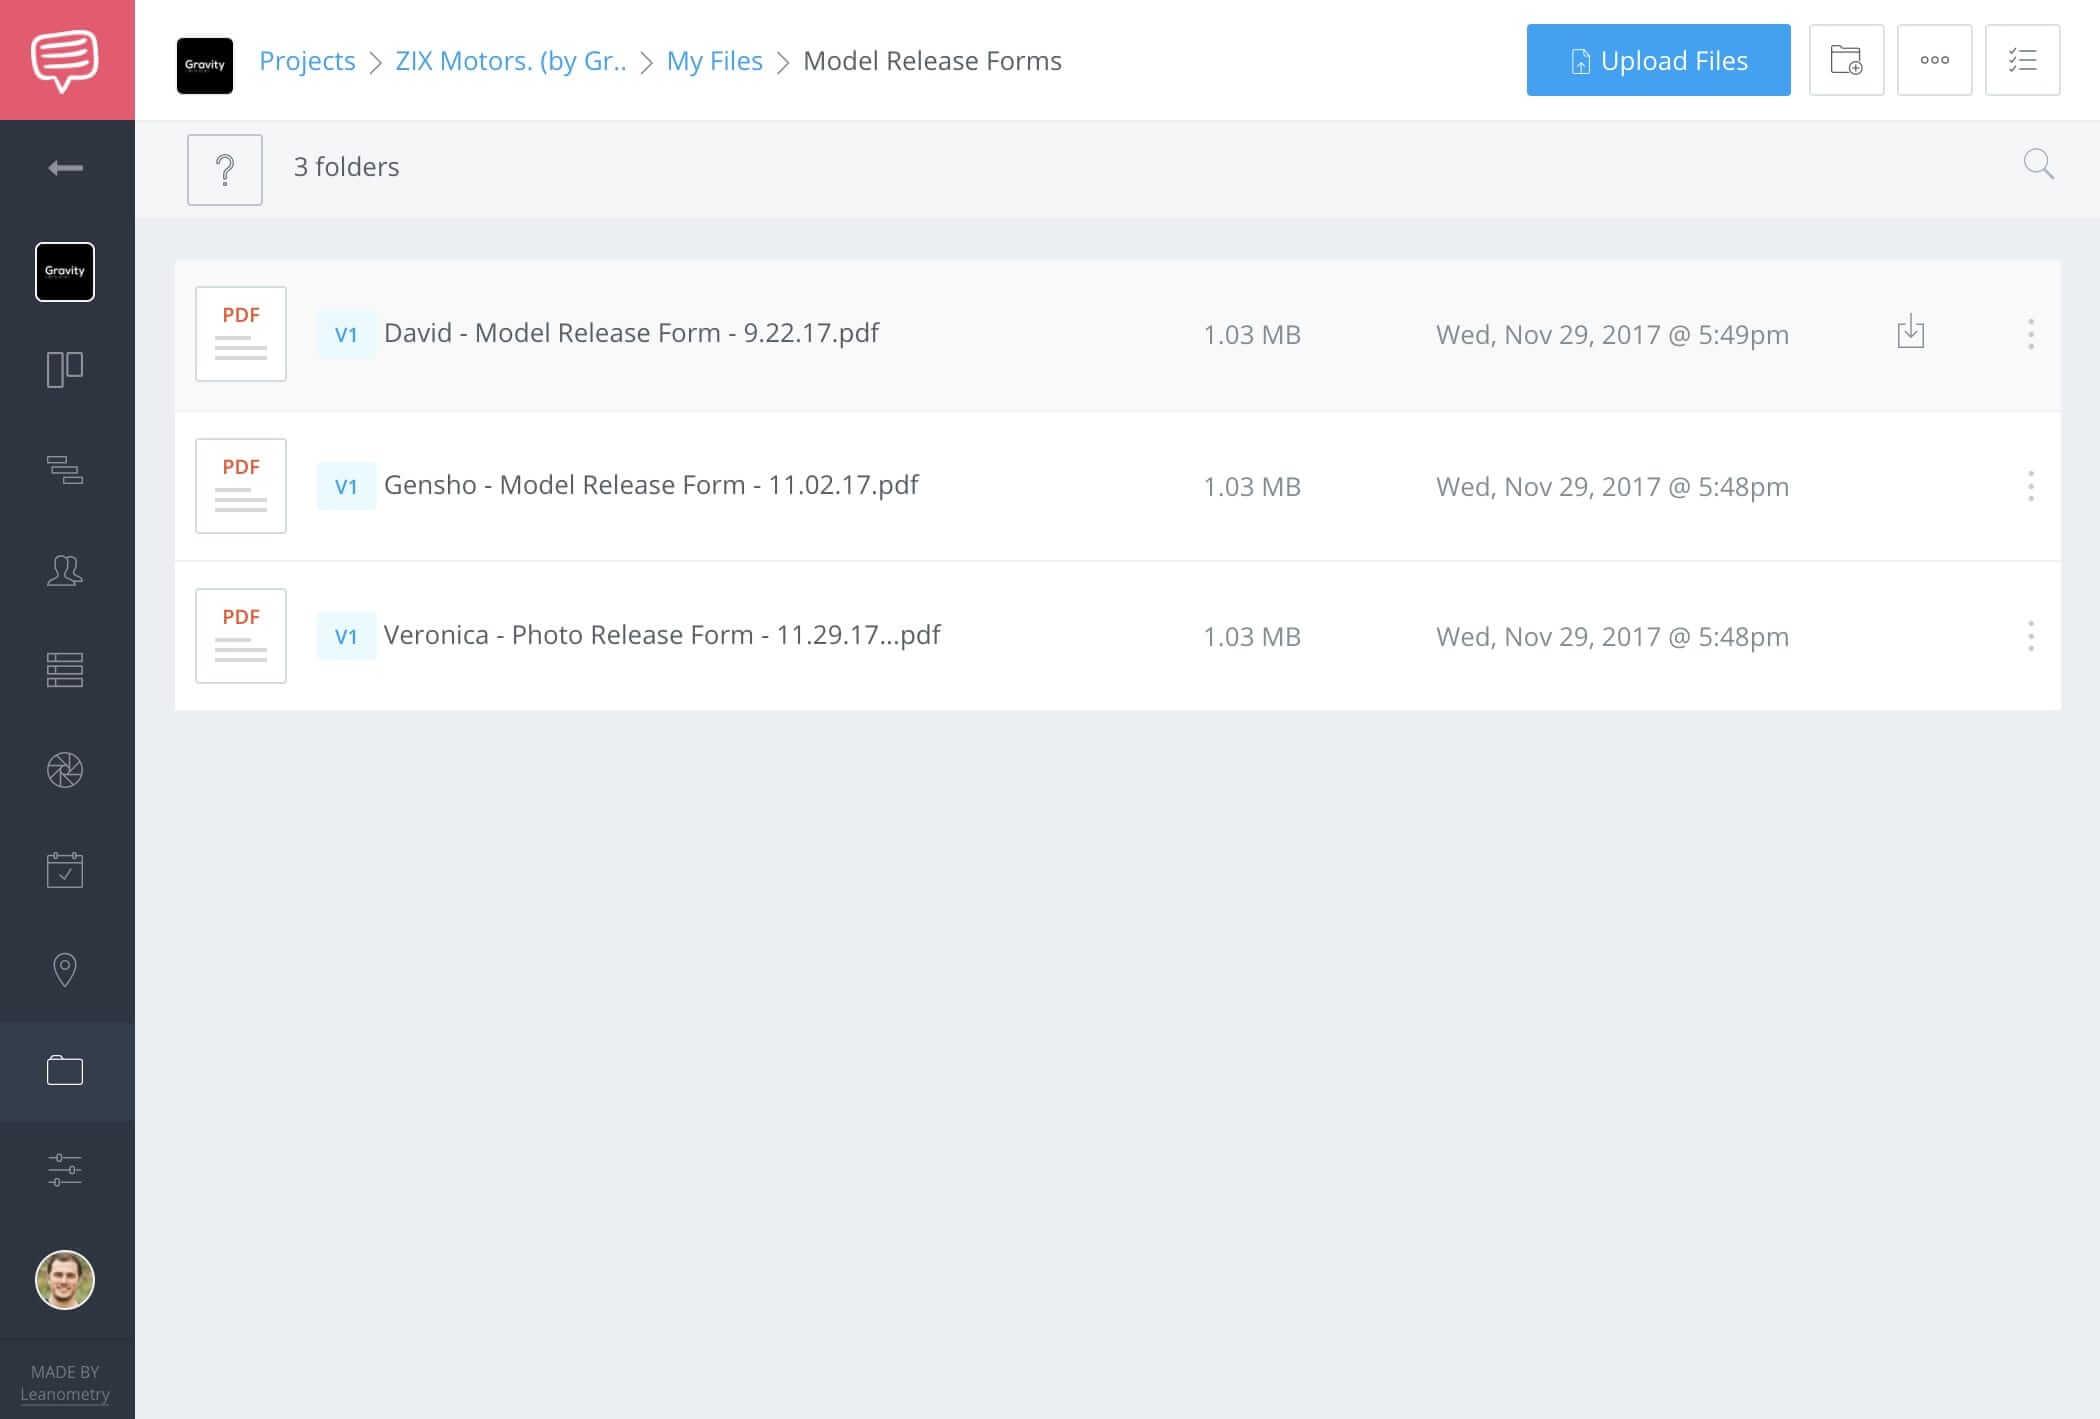 Model Release Form Template - File Storage - StudioBinder